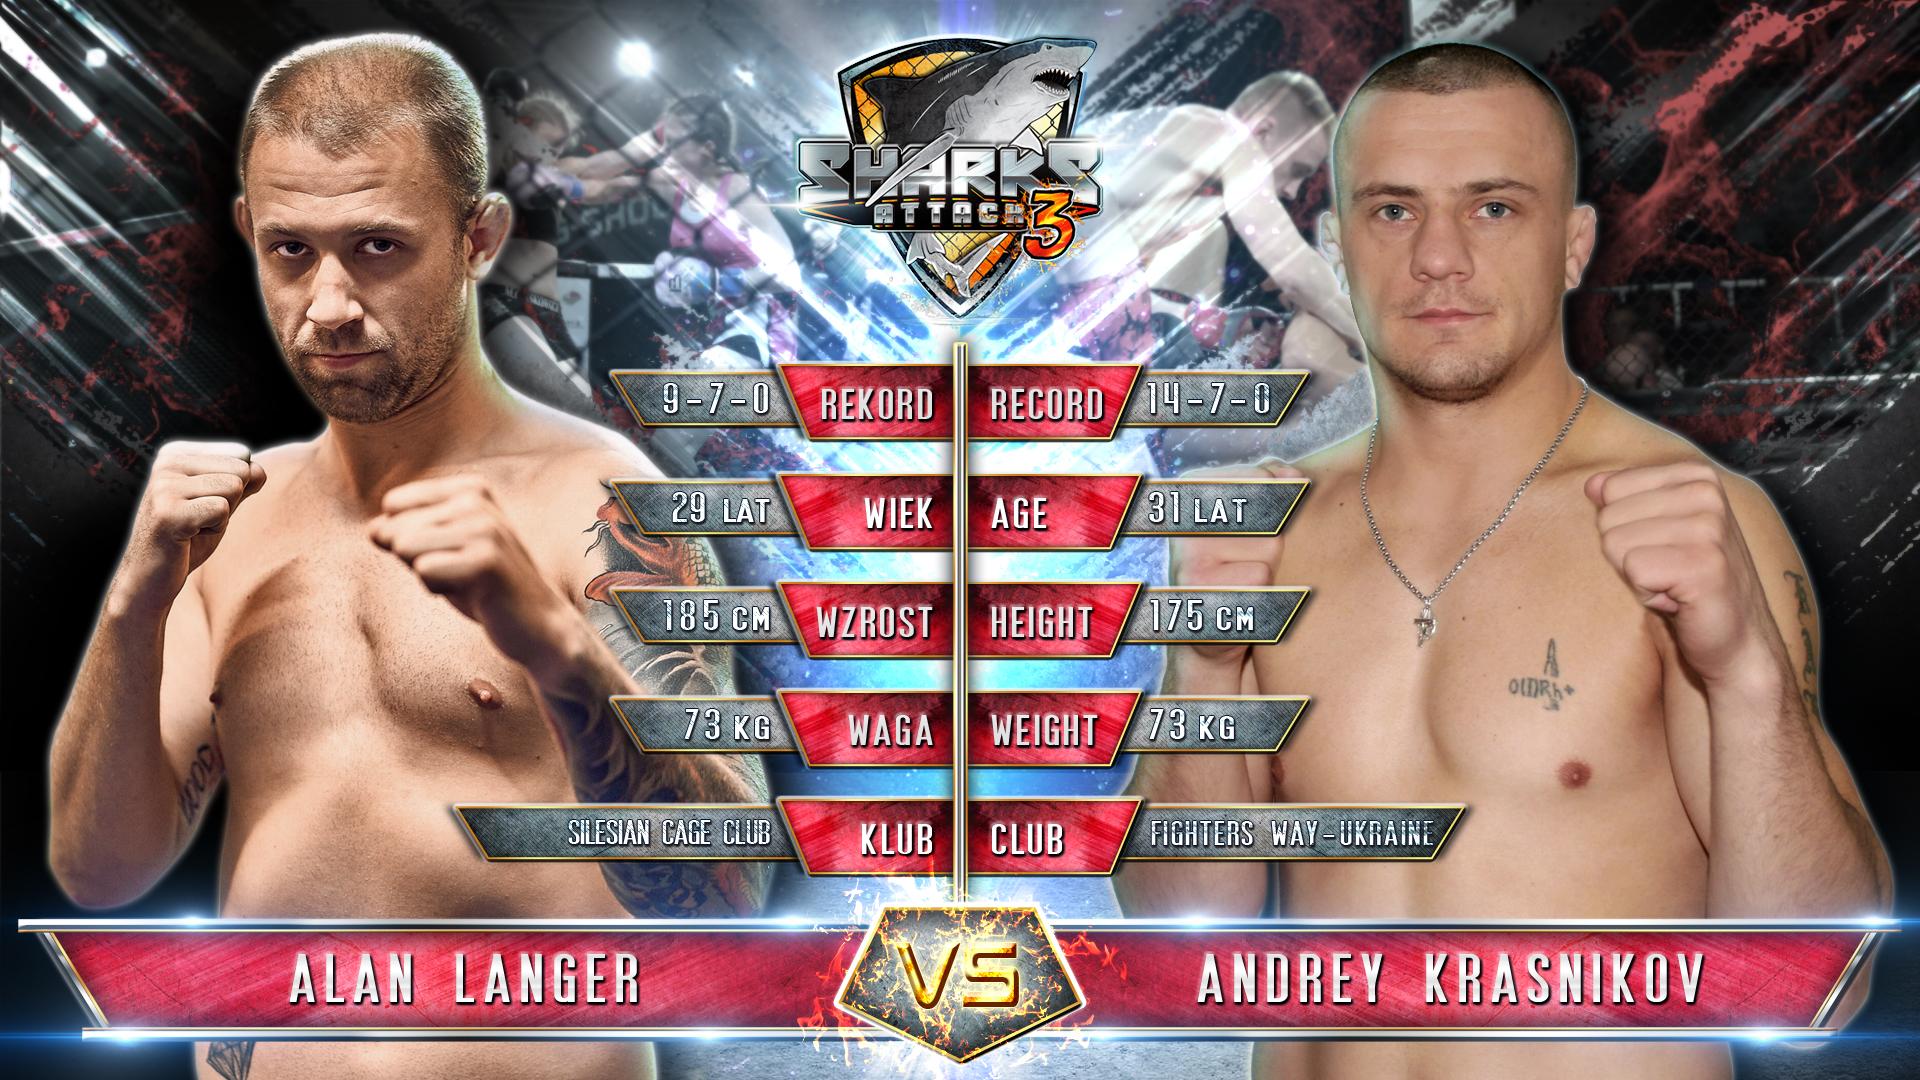 9. LANGER VS KRASNIKOV